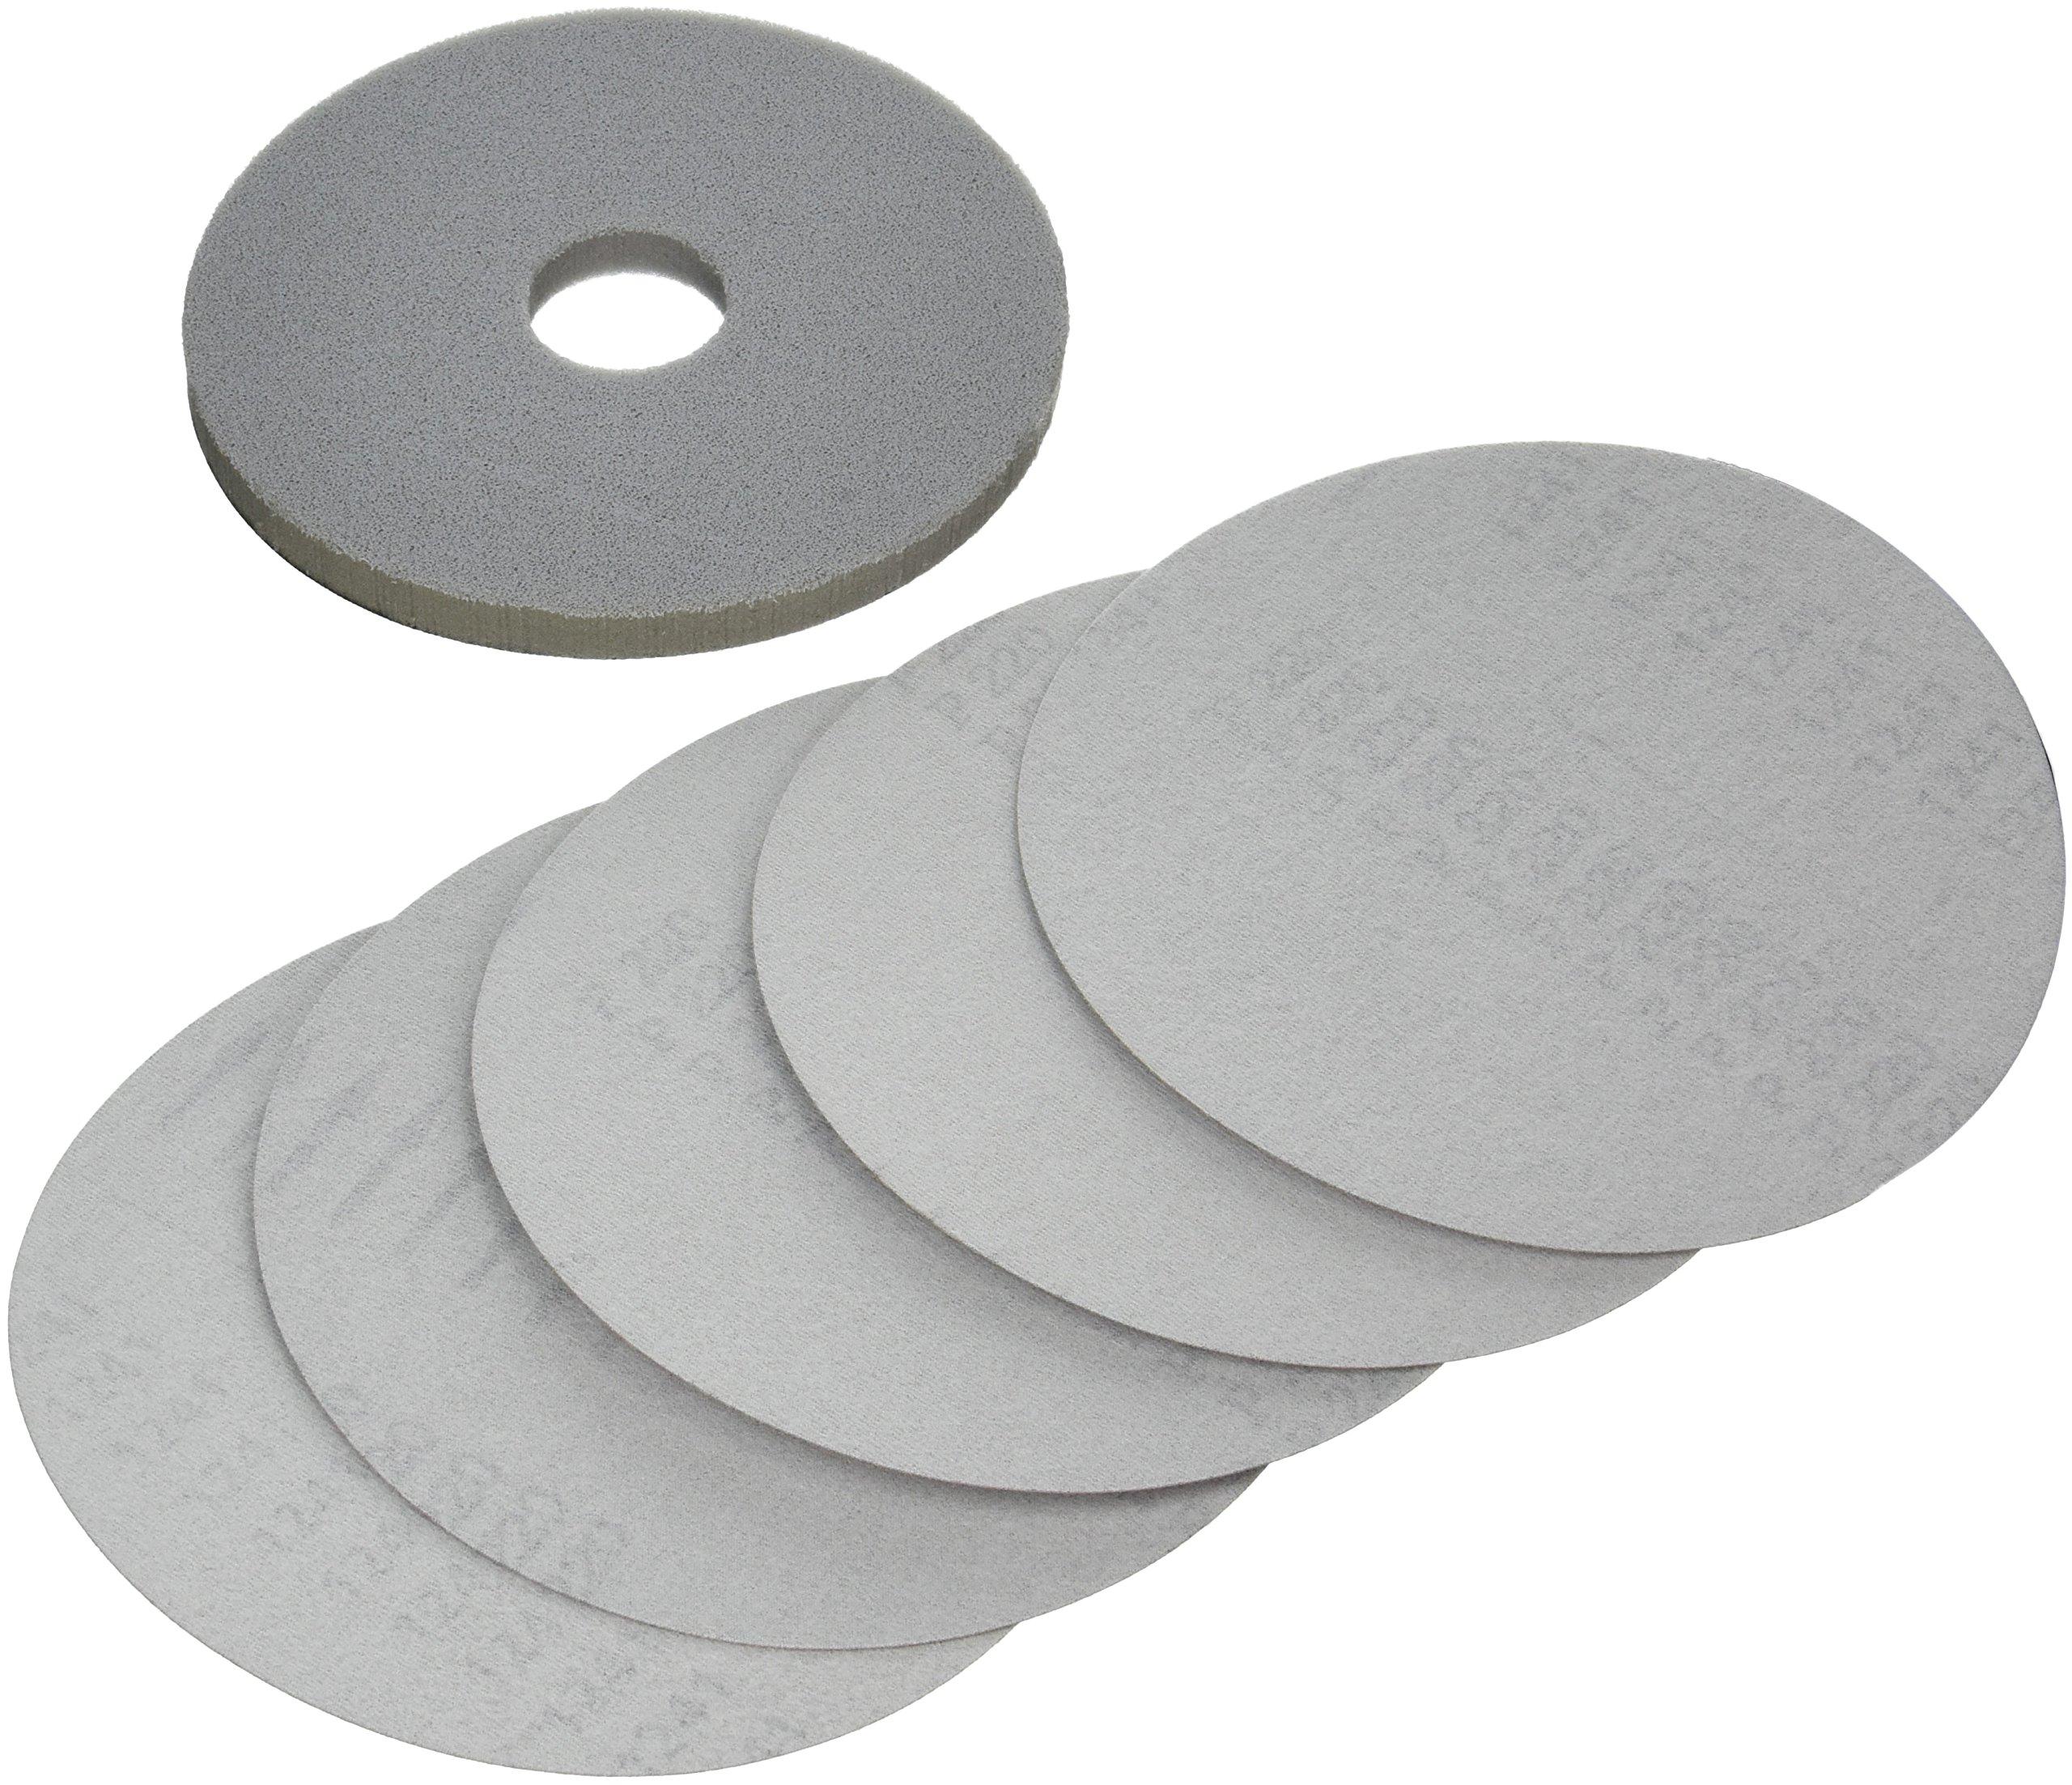 PORTER-CABLE 79220-5 220 Grit Hook & Loop Drywall Sander Pad & Discs (5-Pack)